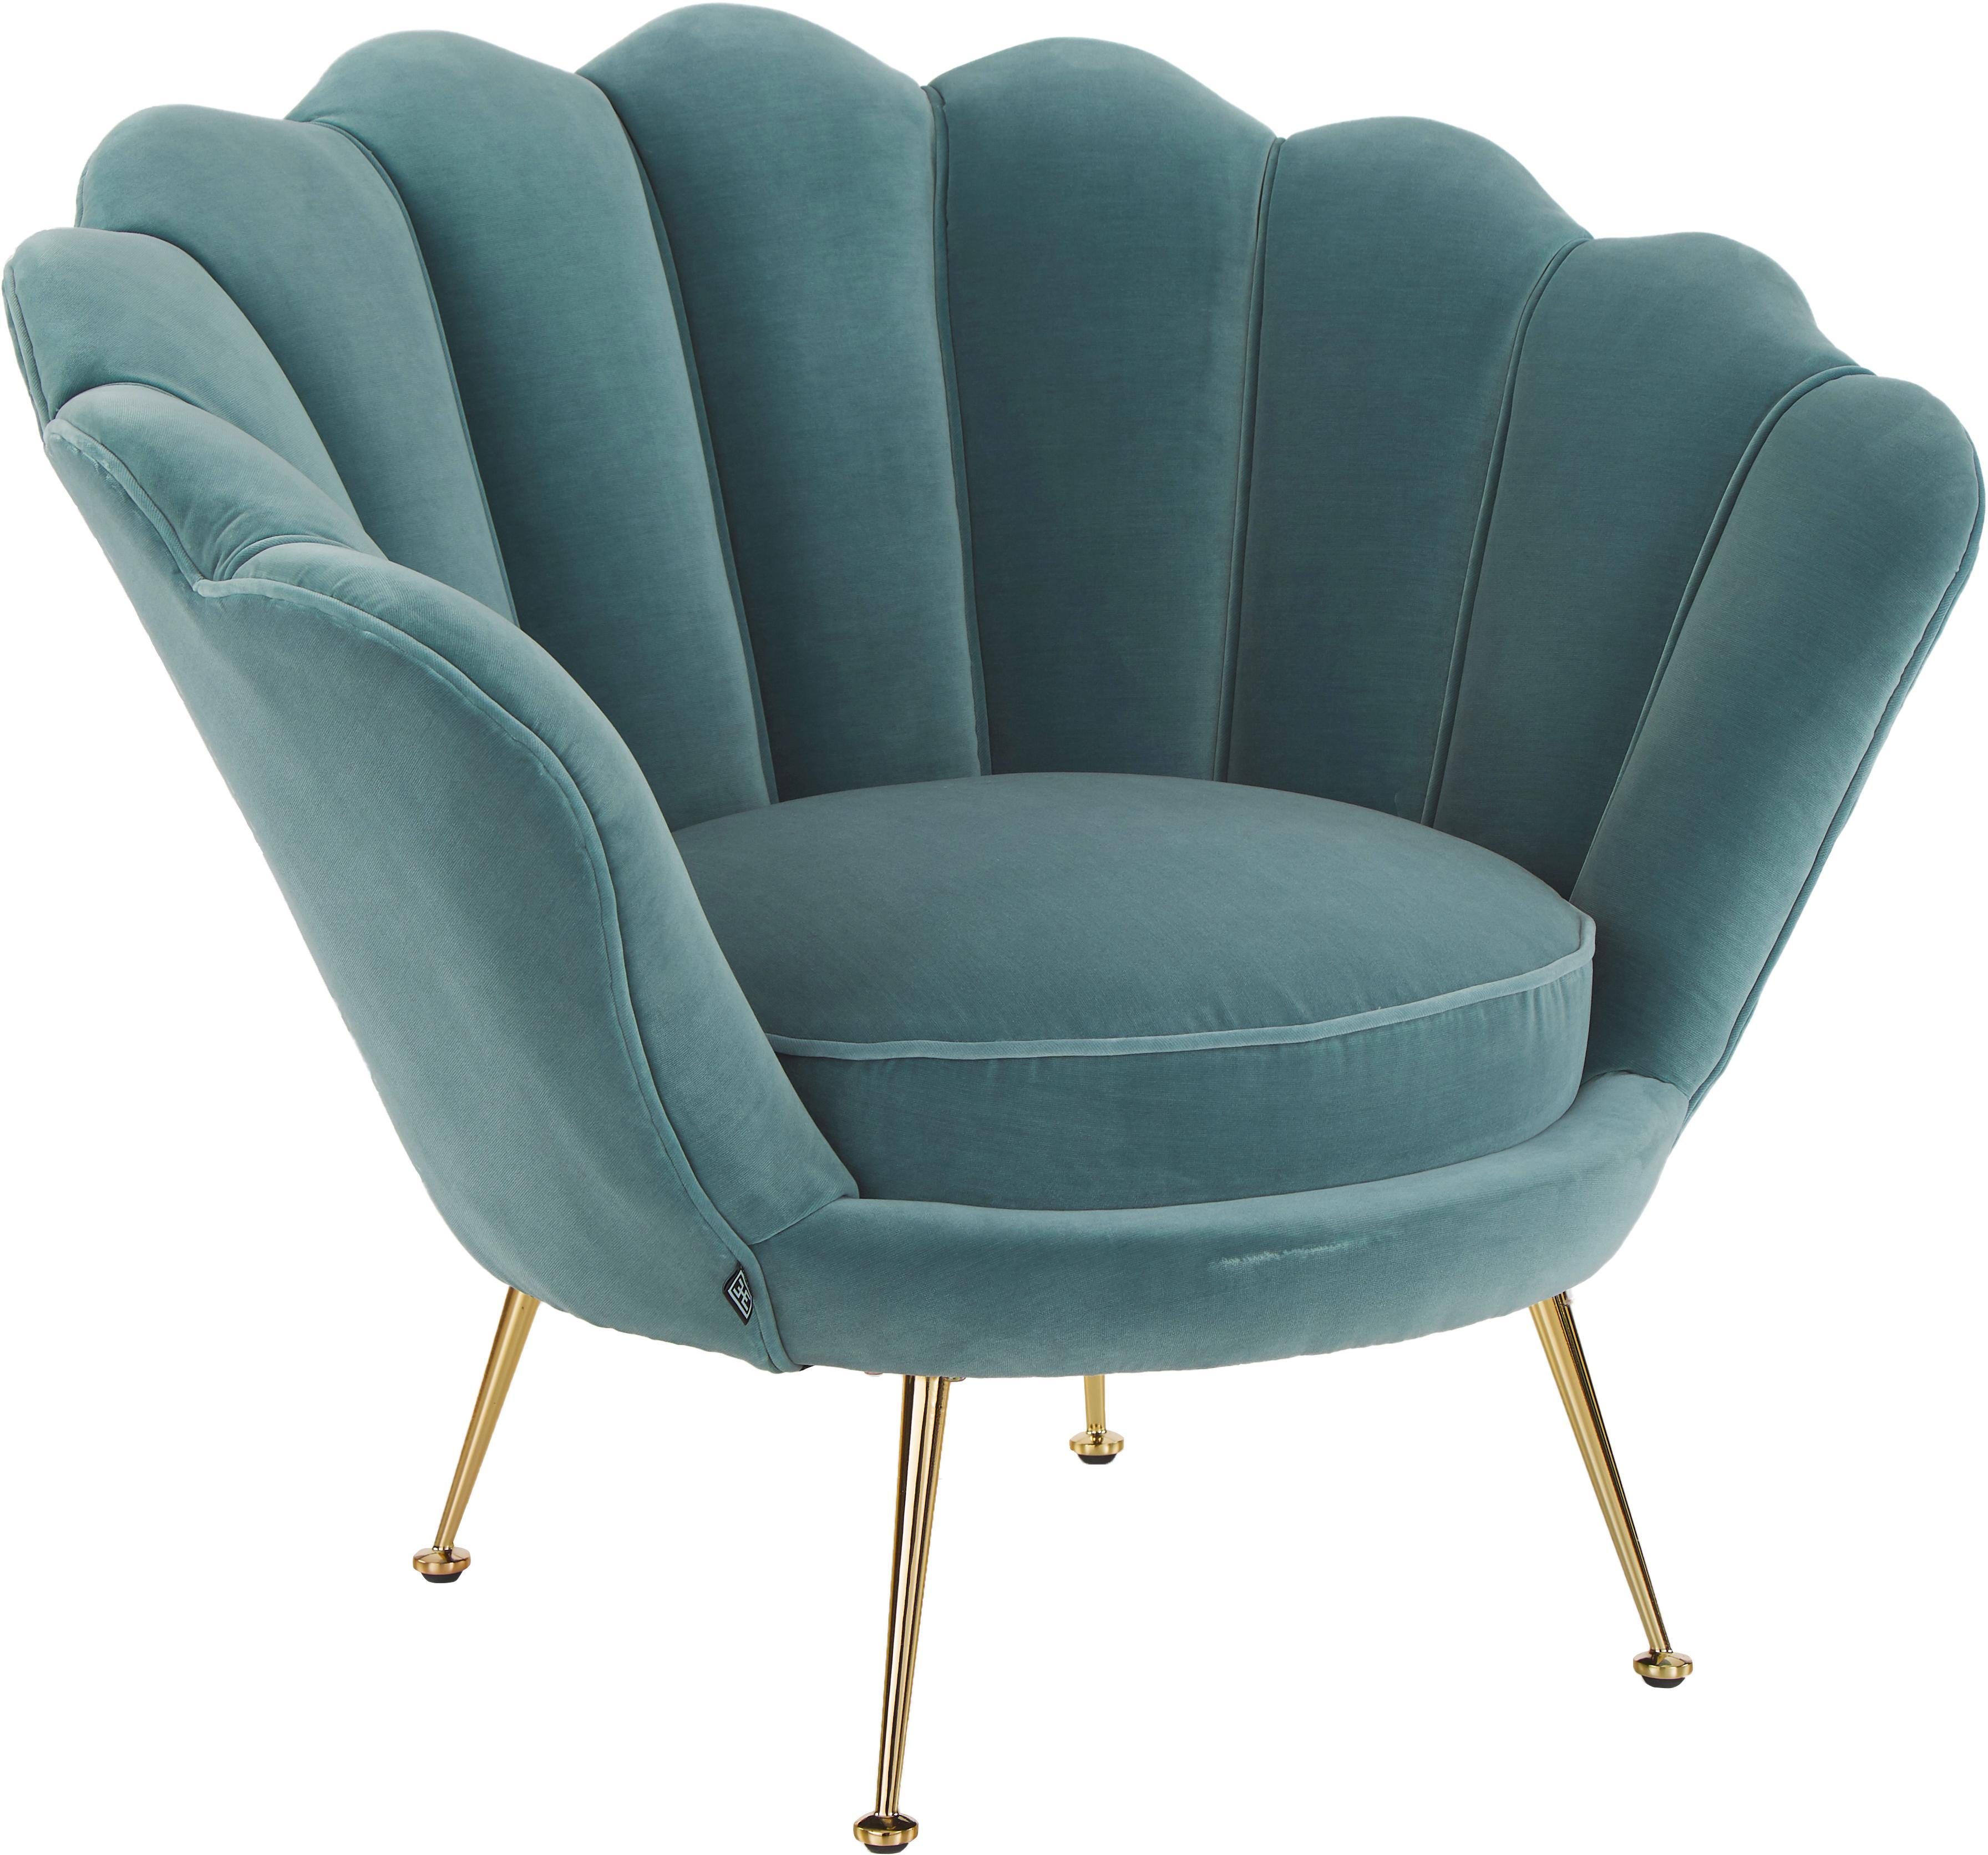 Fotel z aksamitu Trapezium, Tapicerka: 95%poliester, 5%bawełna, Nogi: metal powlekany, Aksamitny turkusowy, S 97 x G 79 cm